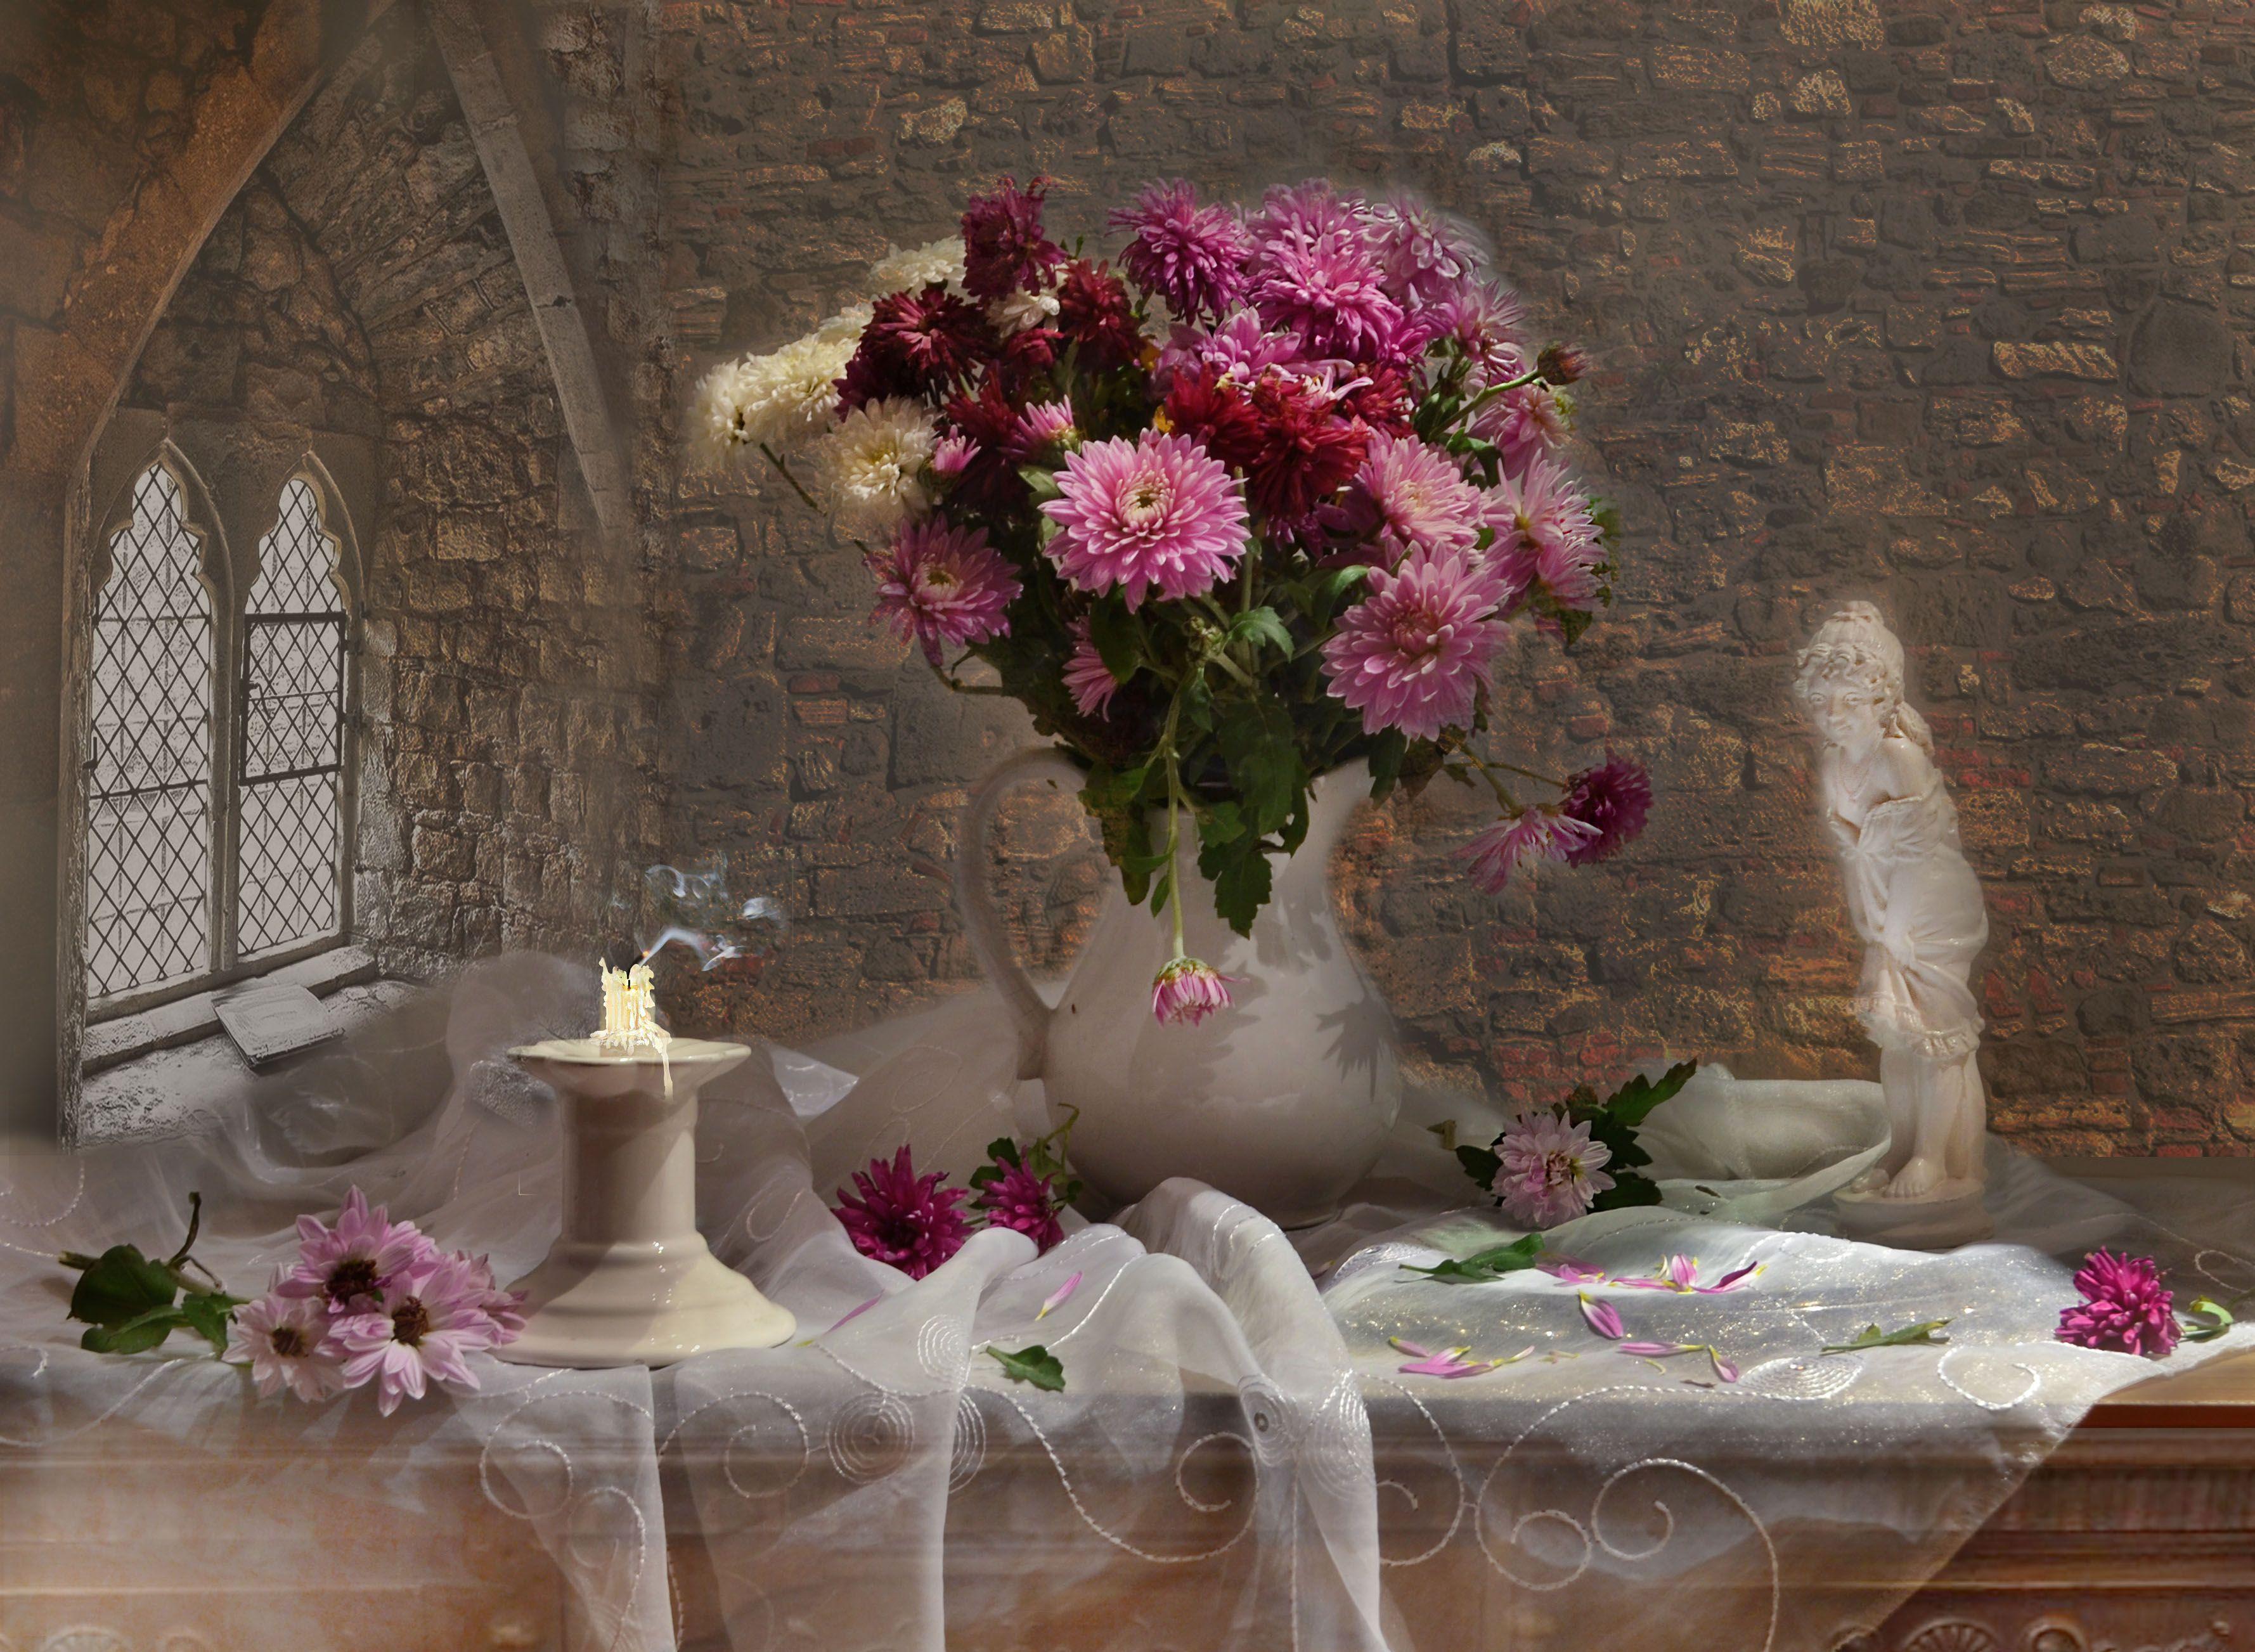 still life,натюрморт,фото натюрморт,осень, ноябрь, цветы, фарфор,хризантемы,статуэтка,  окно,  свеча, подсвечник, Колова Валентина